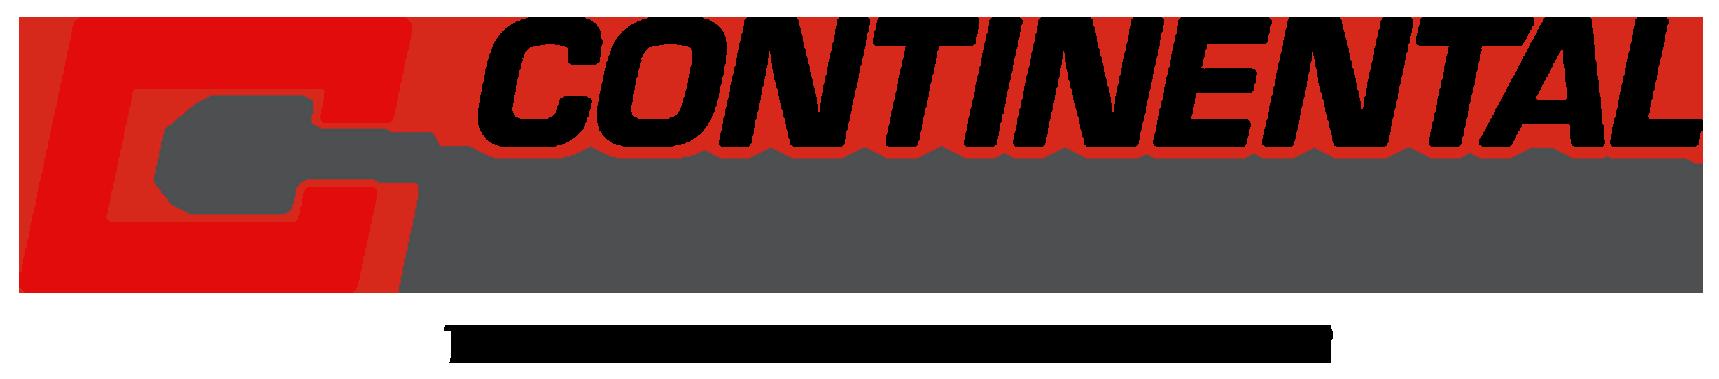 ROB214-62515-08